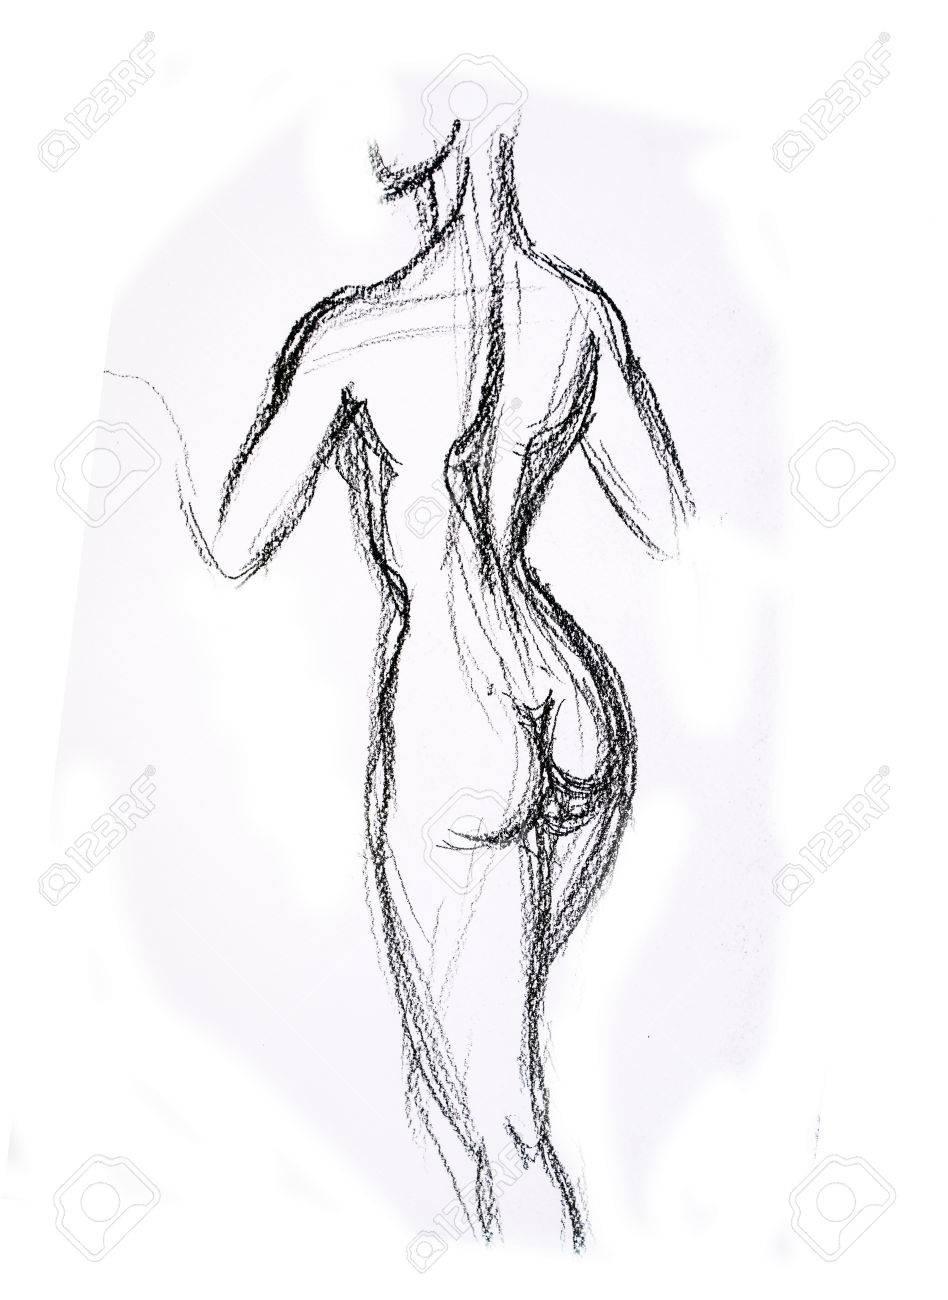 Woman torso sketch pencil drawing